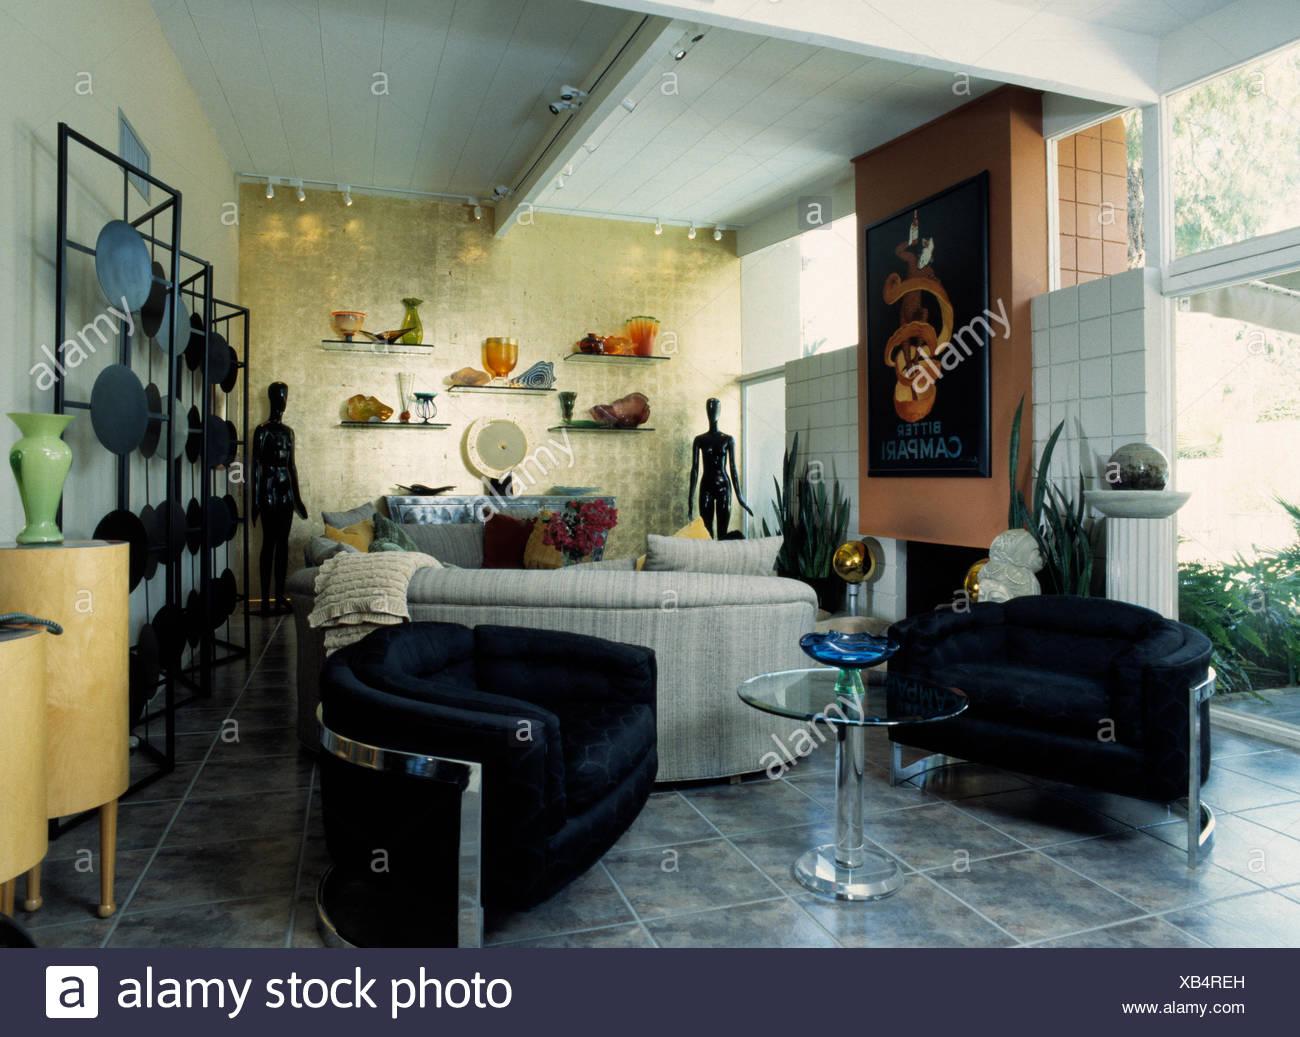 Poltrone nere e piedistallo di vetro tavolo in soggiorno moderno con ...